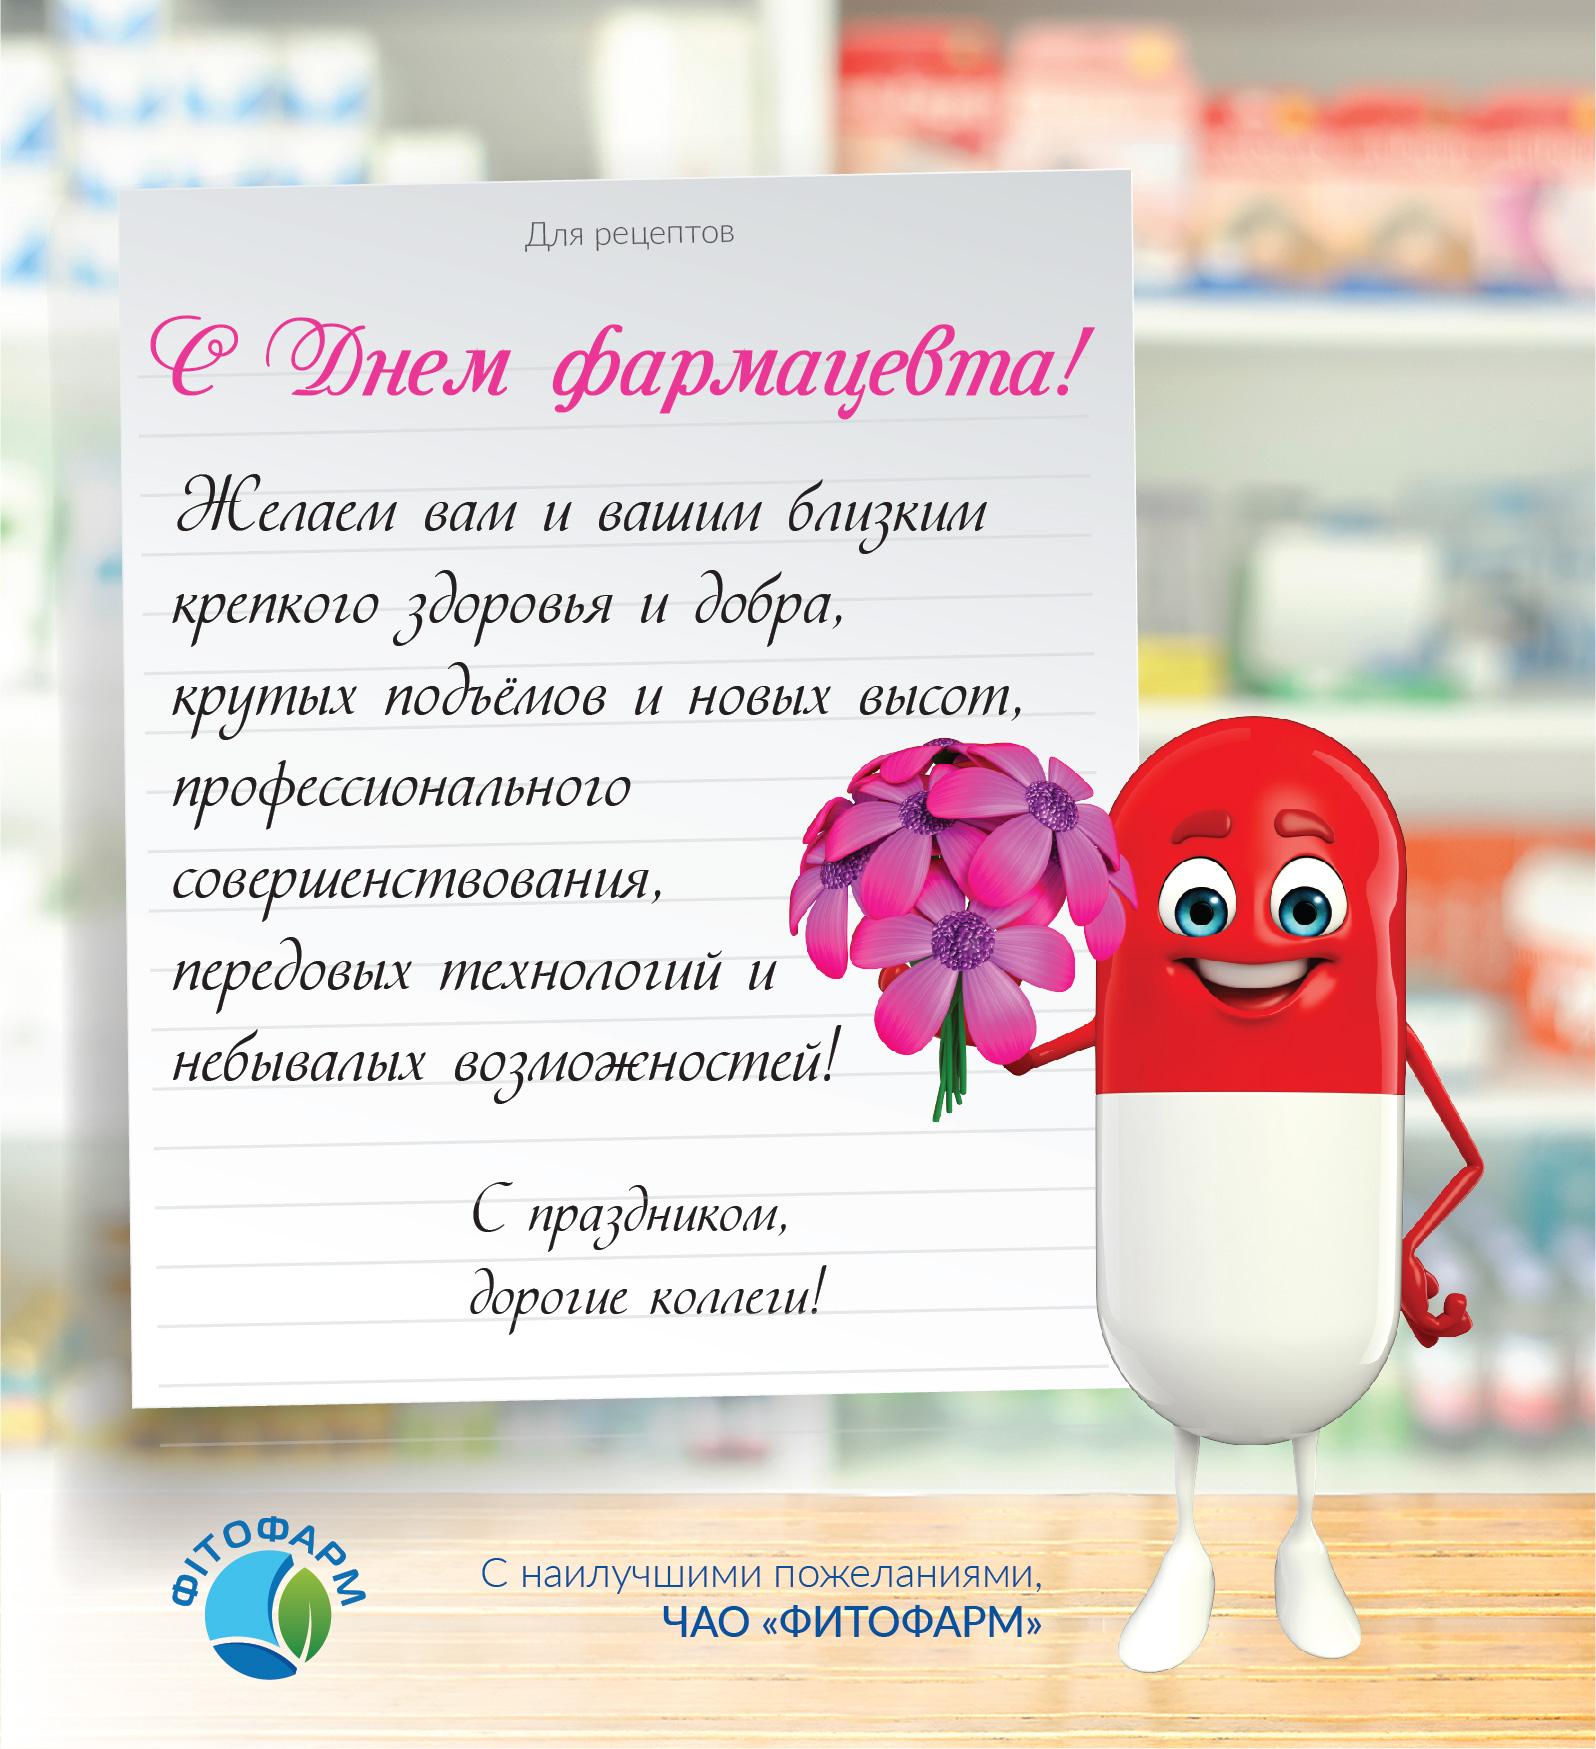 Поздравления фармацевтической фирмы